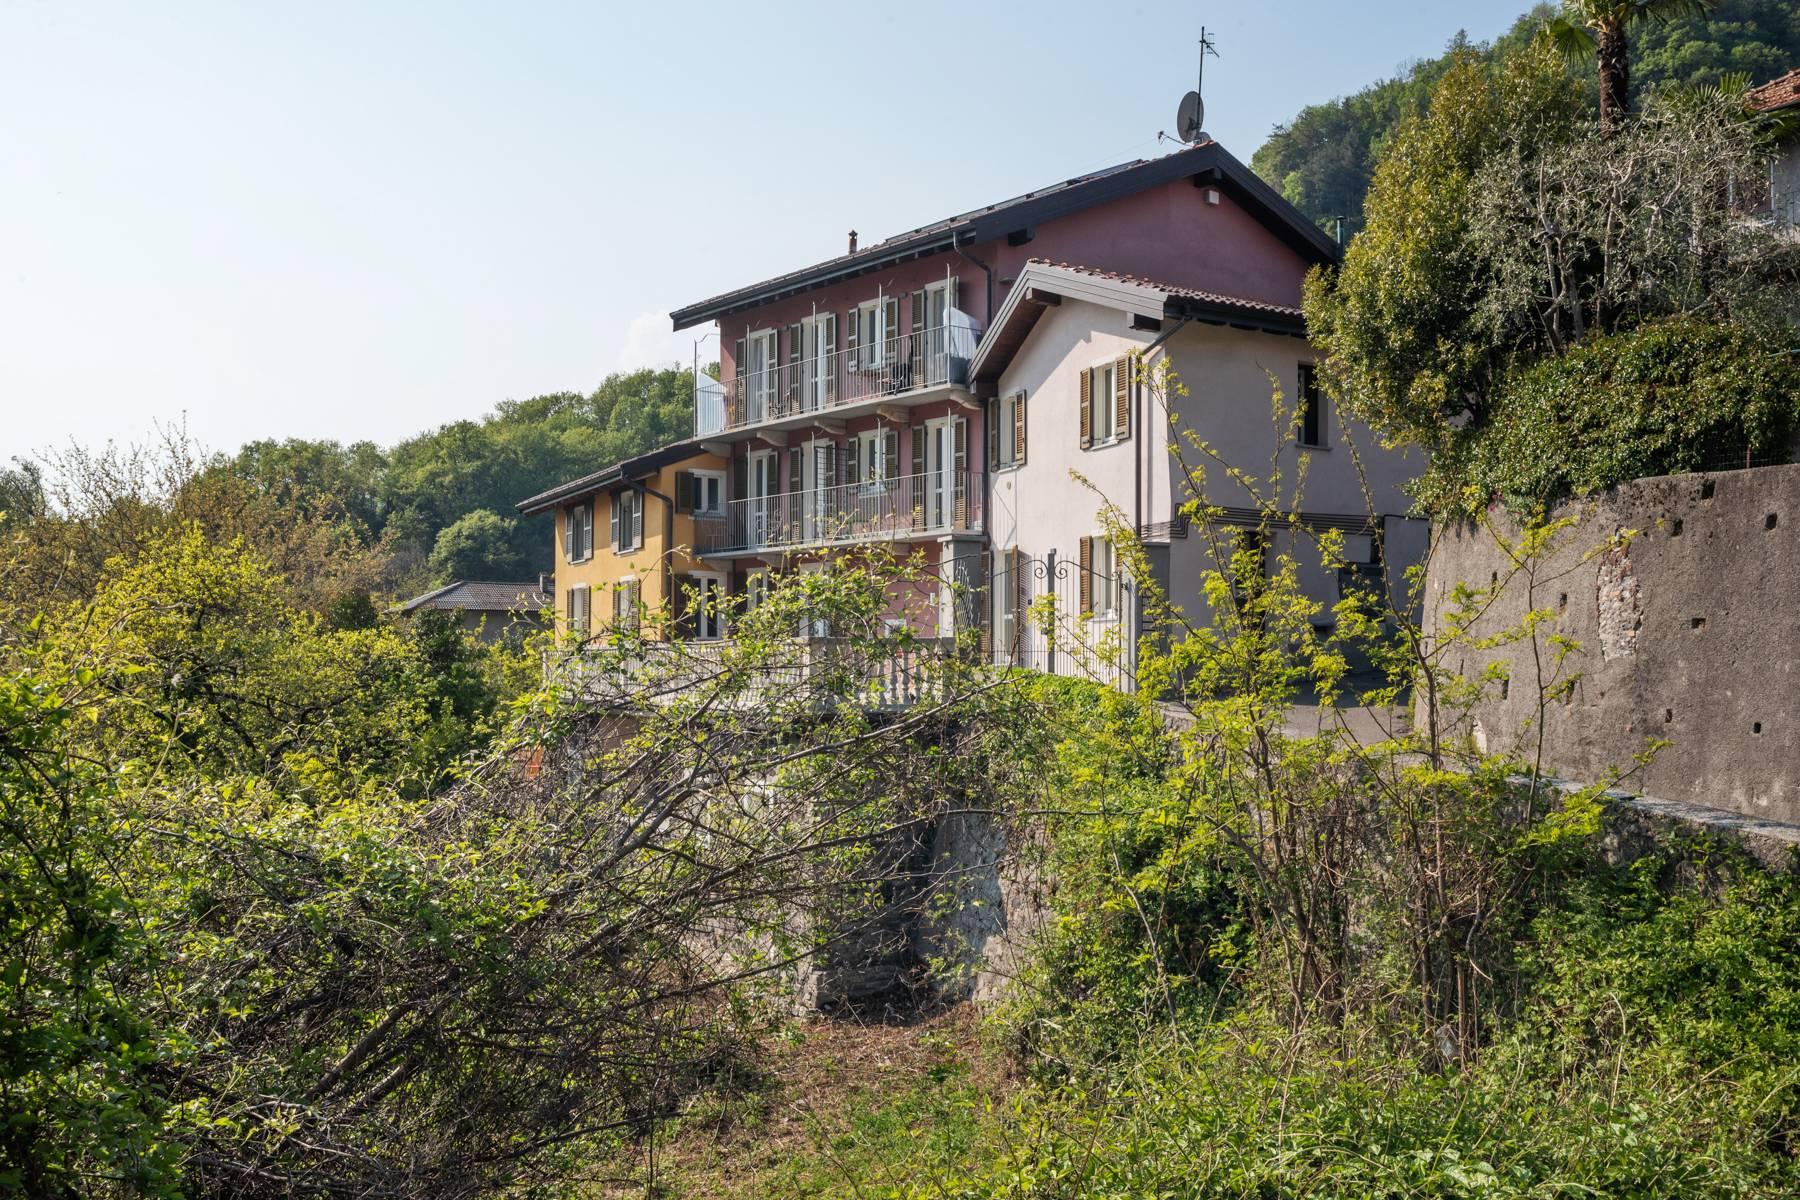 Appartamento in Vendita a Castelveccana: 3 locali, 108 mq - Foto 10